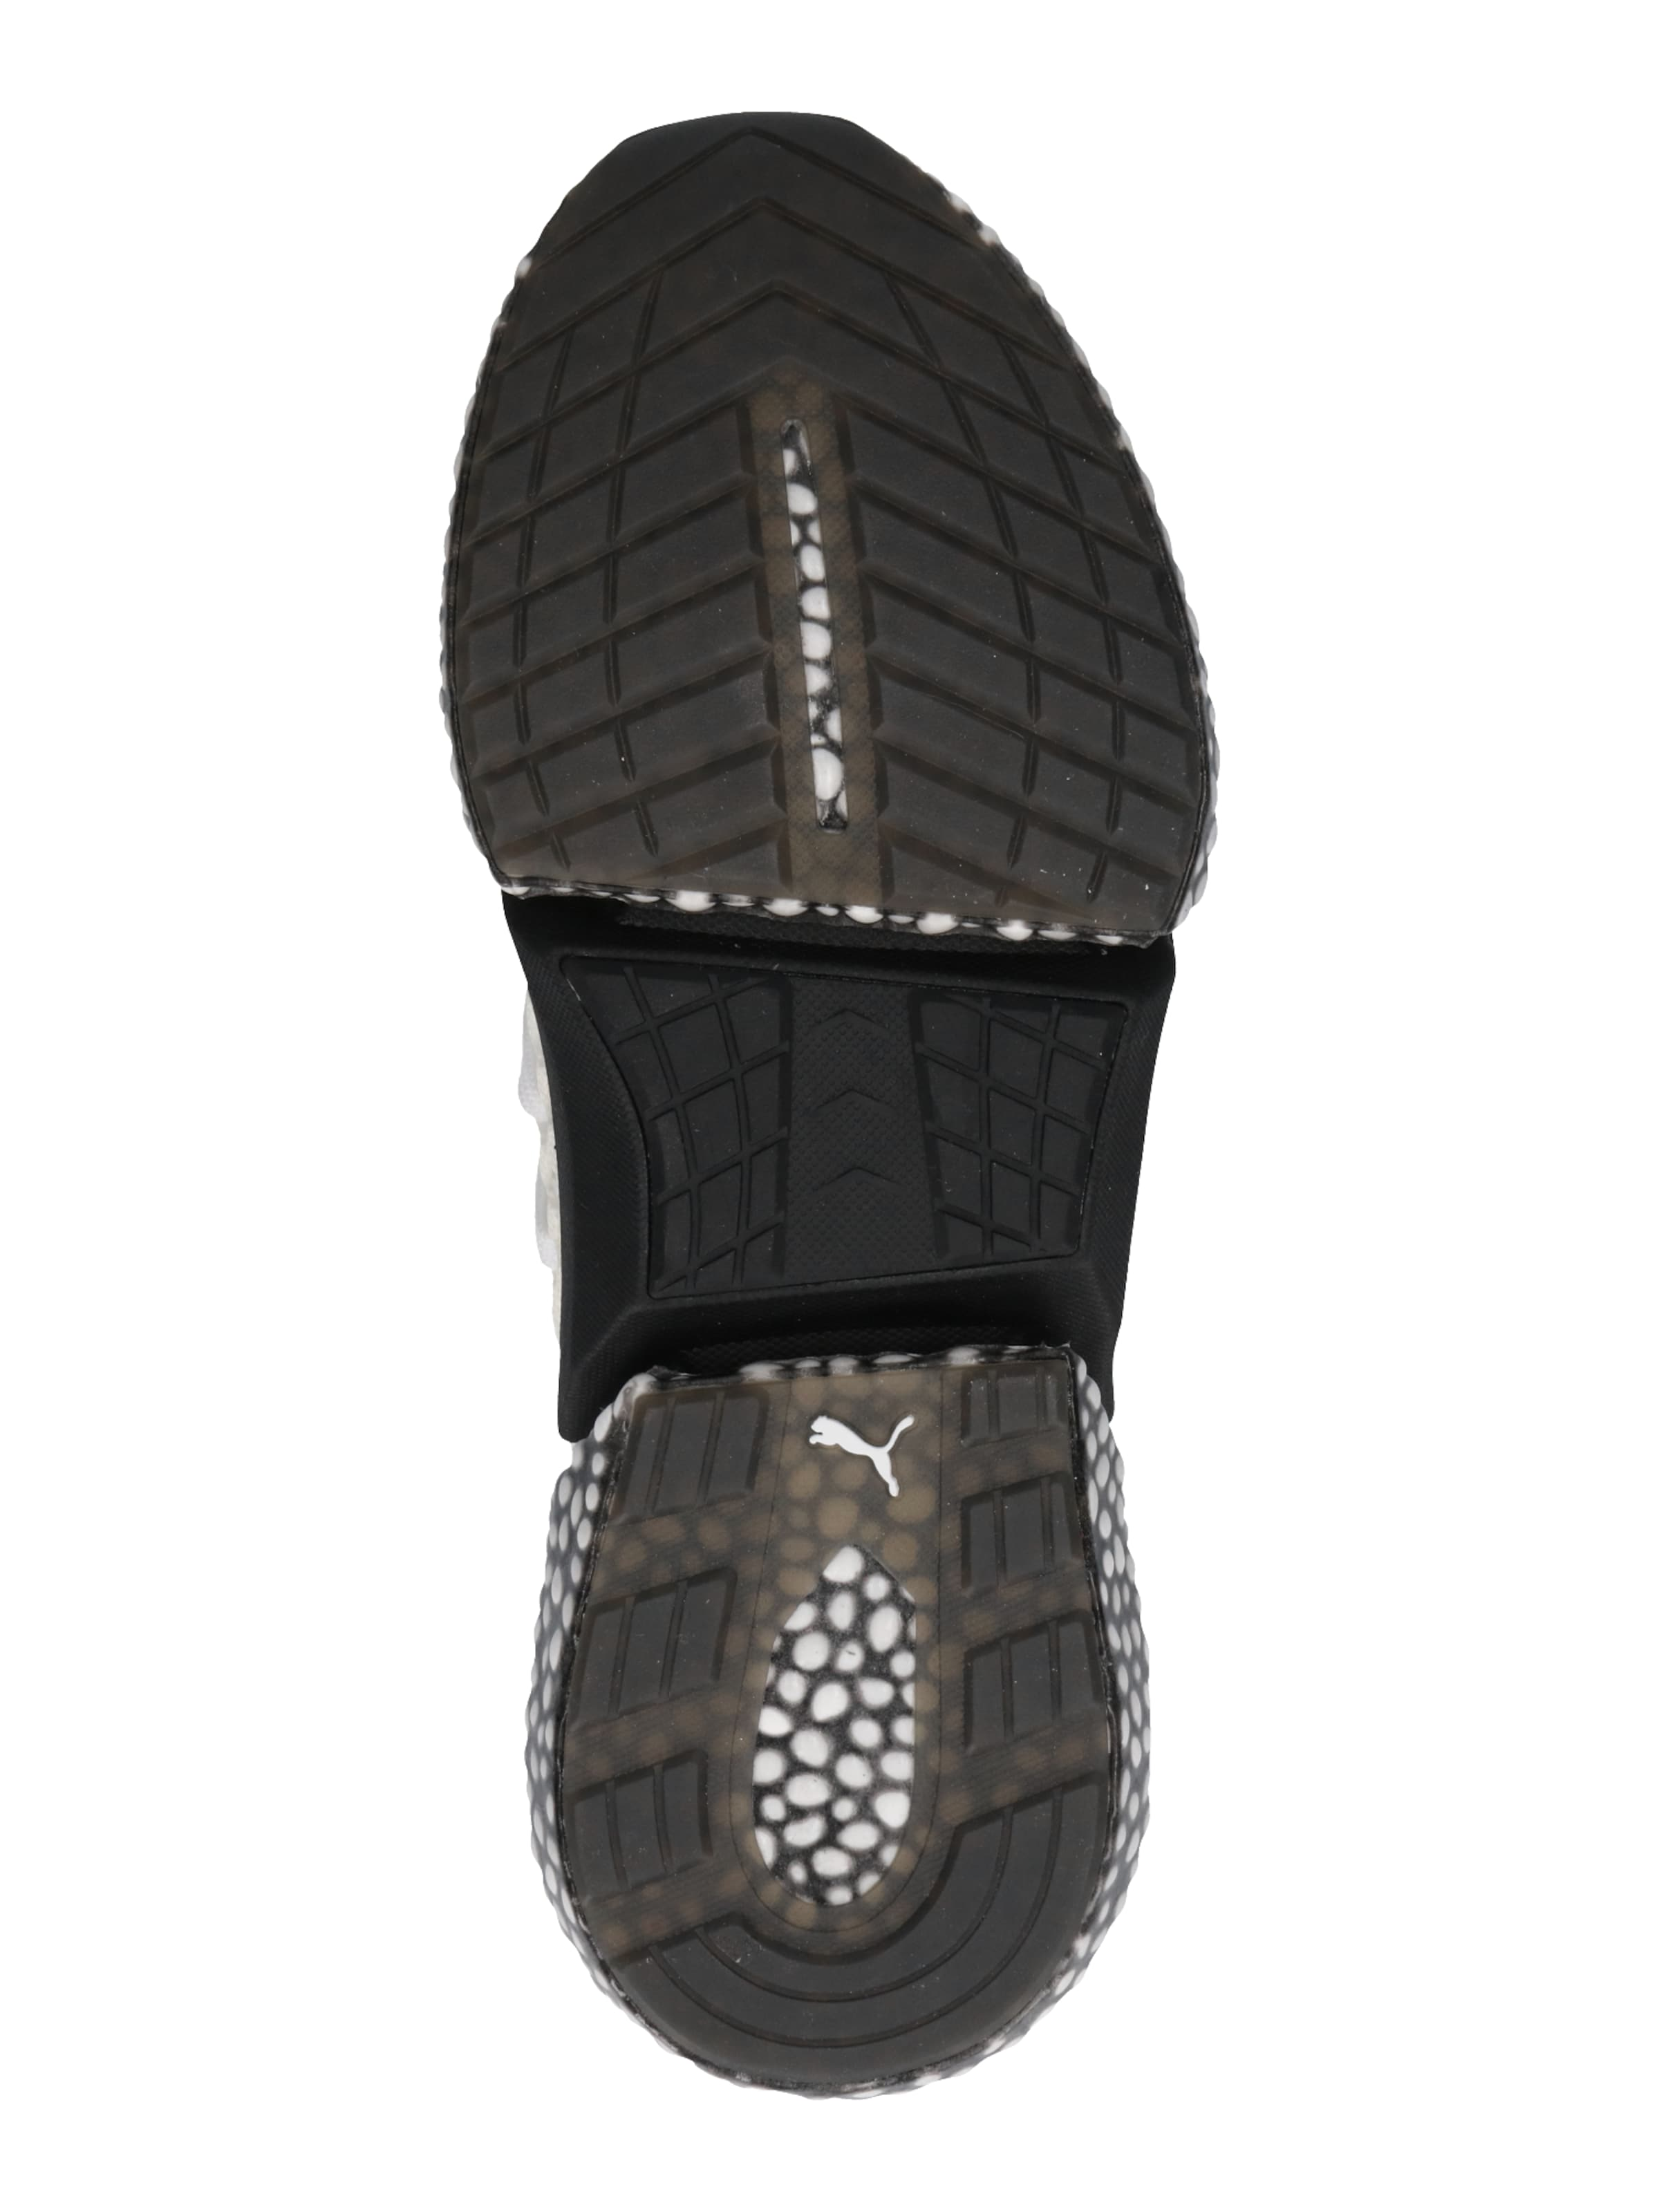 PUMA Turnschuhe mit markanter aussehend Laufsohle 'Hybrid Textil Bequem, gut aussehend markanter c1dcd6